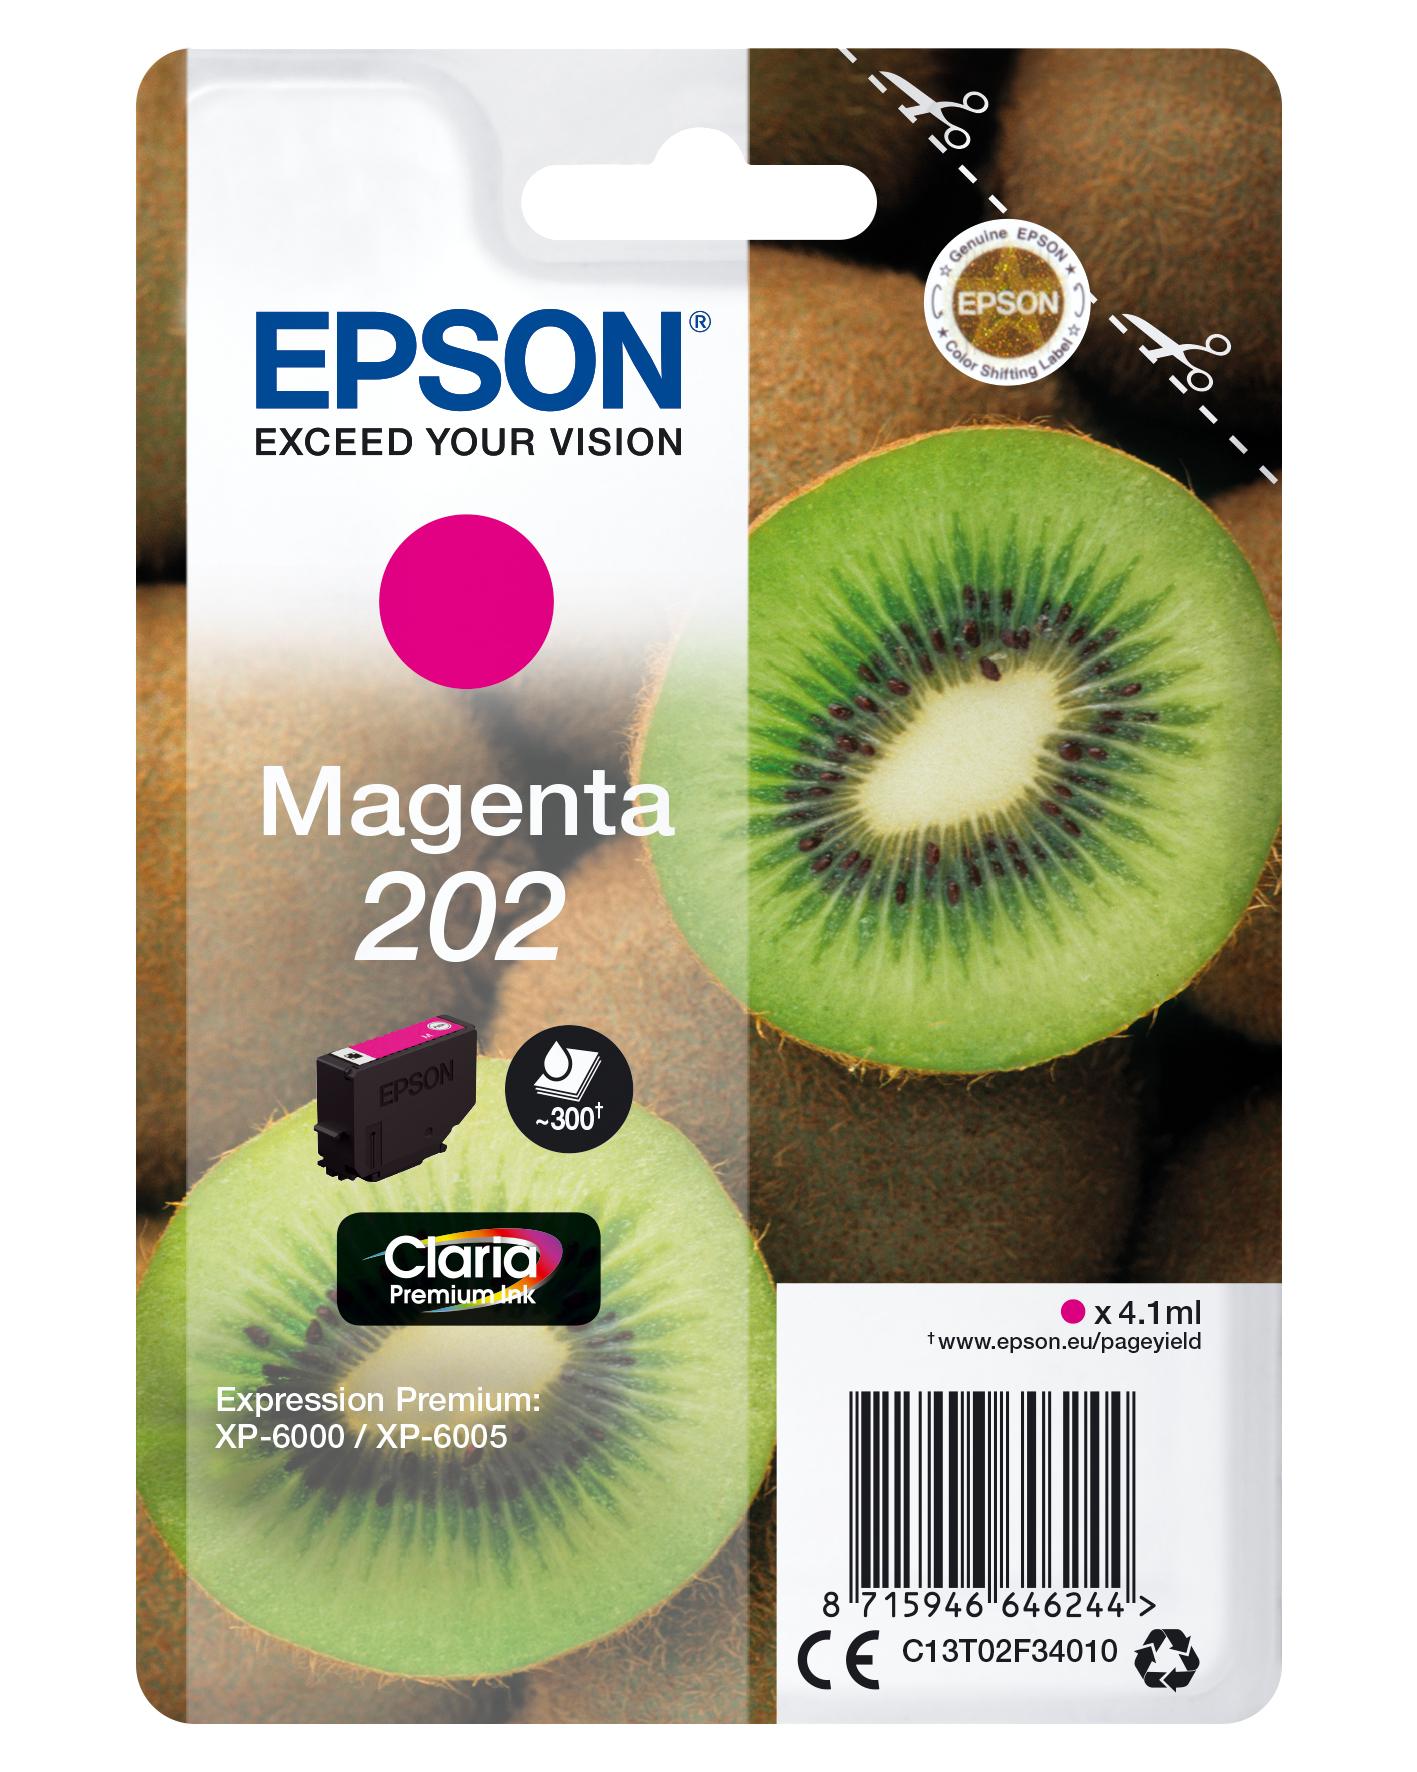 Epson-C13T02F34020-Kiwi-Singlepack-Magenta-202-Claria-Premium-Ink-Original thumbnail 2